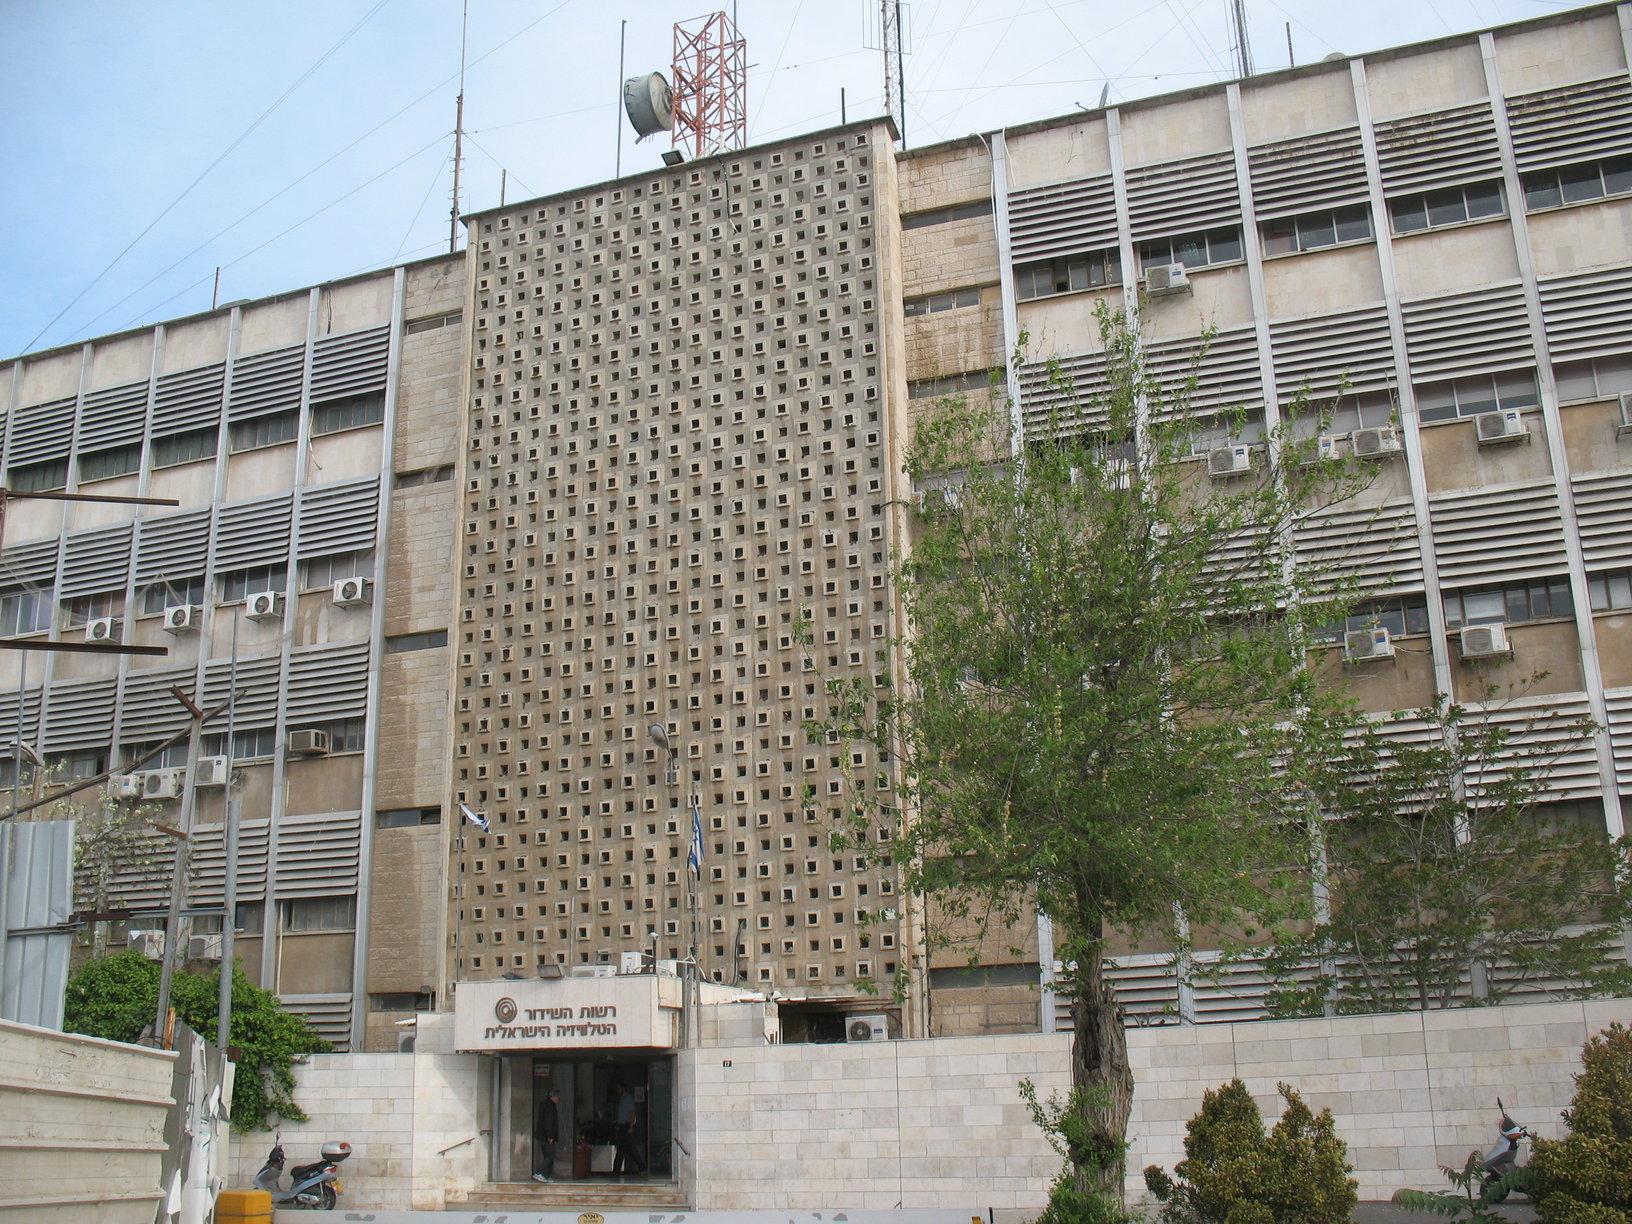 הטלוויזיה הישראלית בת 45 ועודה מקרטעת